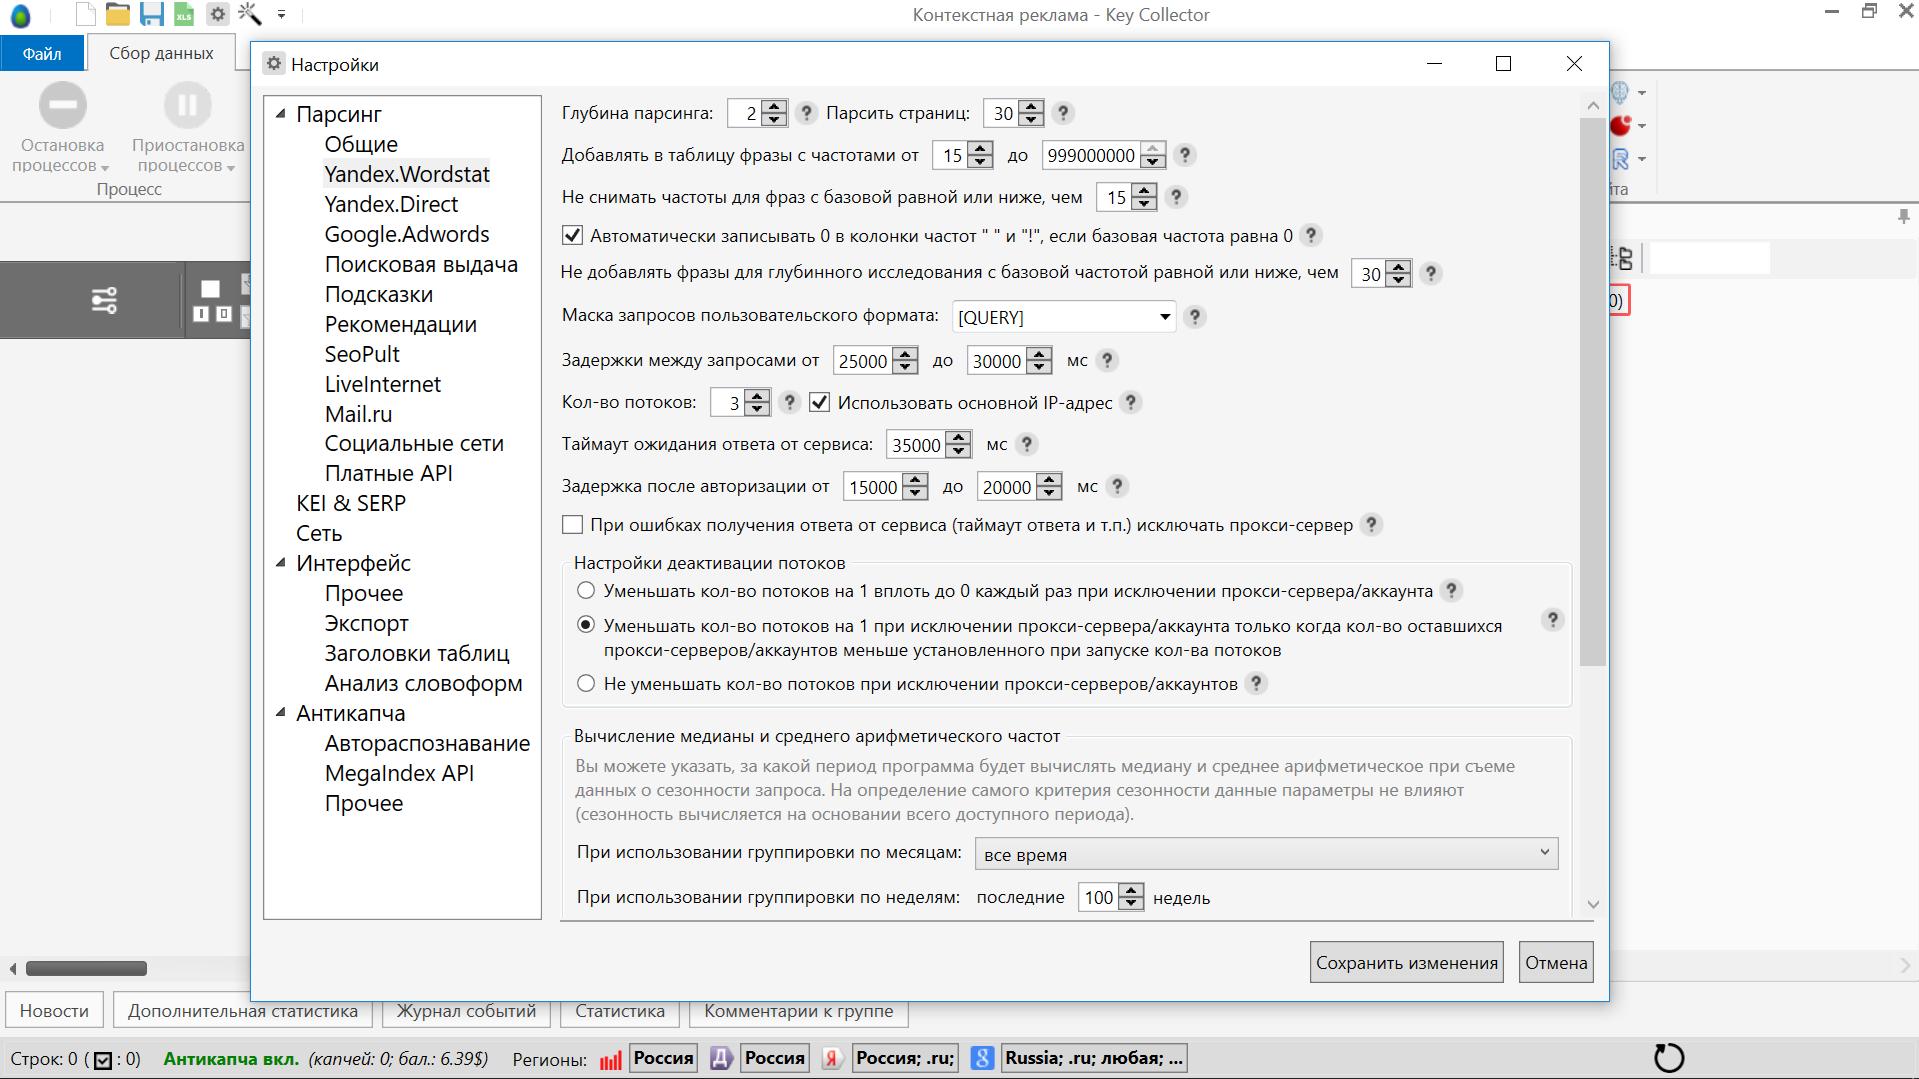 Почему в key collector яндекс директ не работает с прокси баннерная интернет-реклама